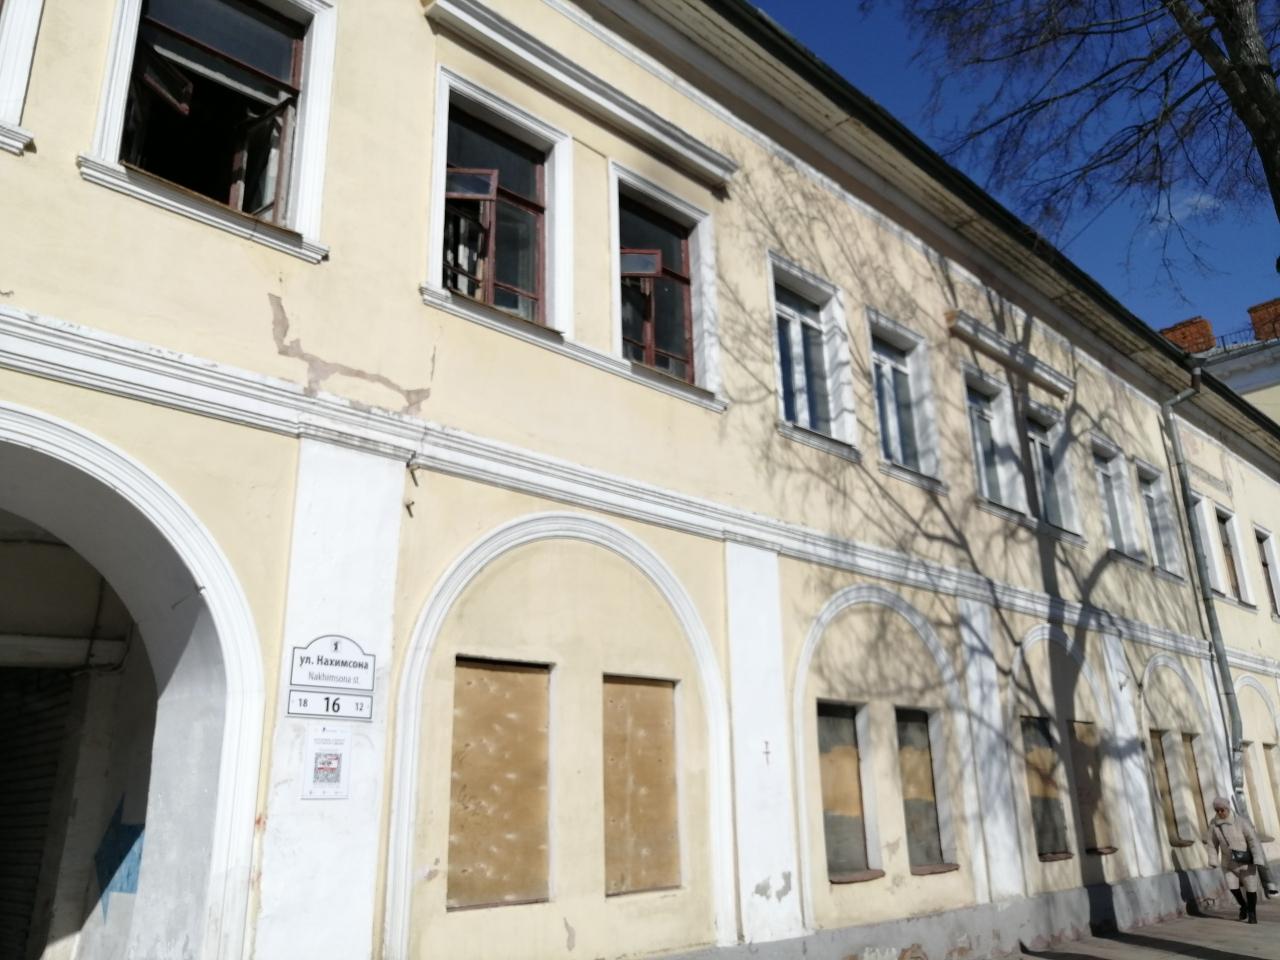 Мэрия Ярославля планирует продать объект культурного наследия в центре города за 23 миллиона